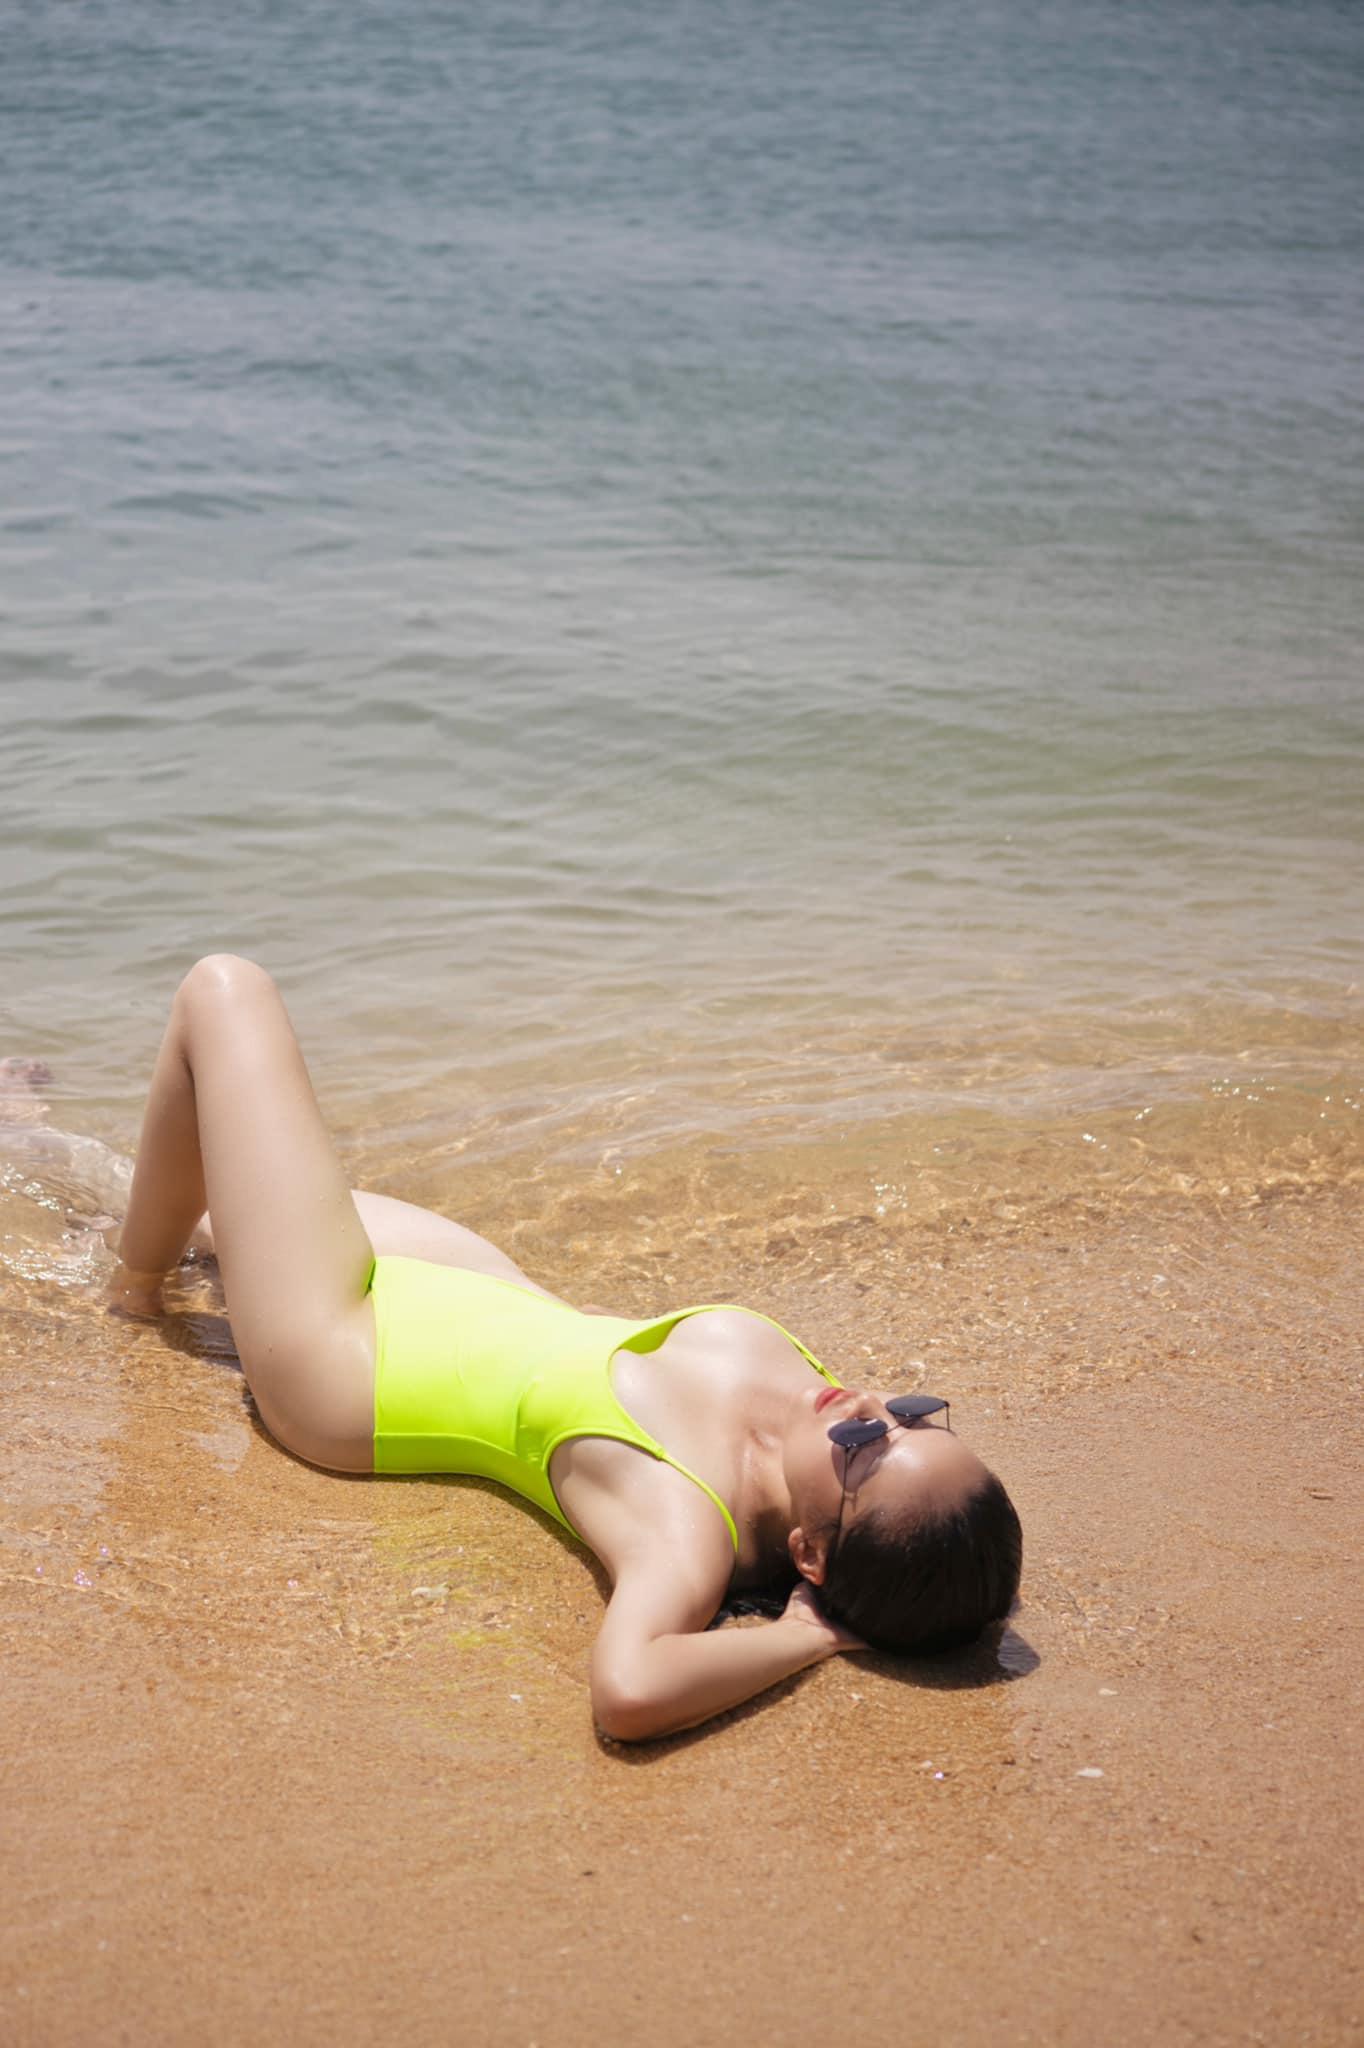 """Kỳ Duyên tung ảnh mặc bikini quyến rũ """"bỏng mắt"""" dưới nước, tạo dáng dễ gây """"nhìn nhầm"""" - Ảnh 4."""